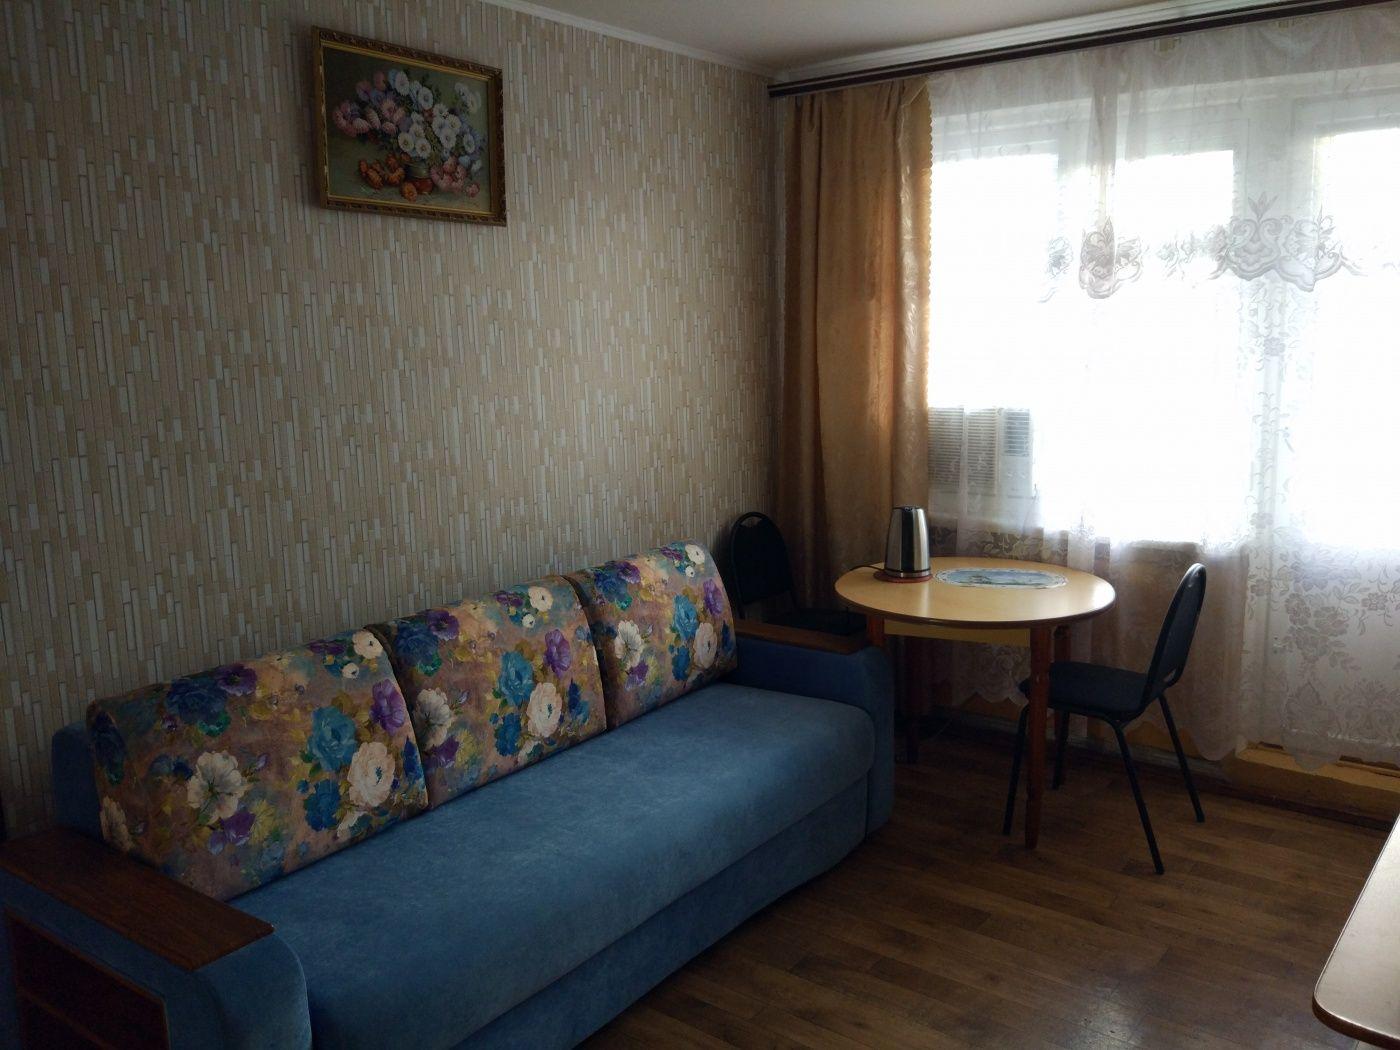 Турбаза «Домостроитель» Саратовская область 2-комнатный номер «люкс» с удобствами (корпус № 1), фото 7